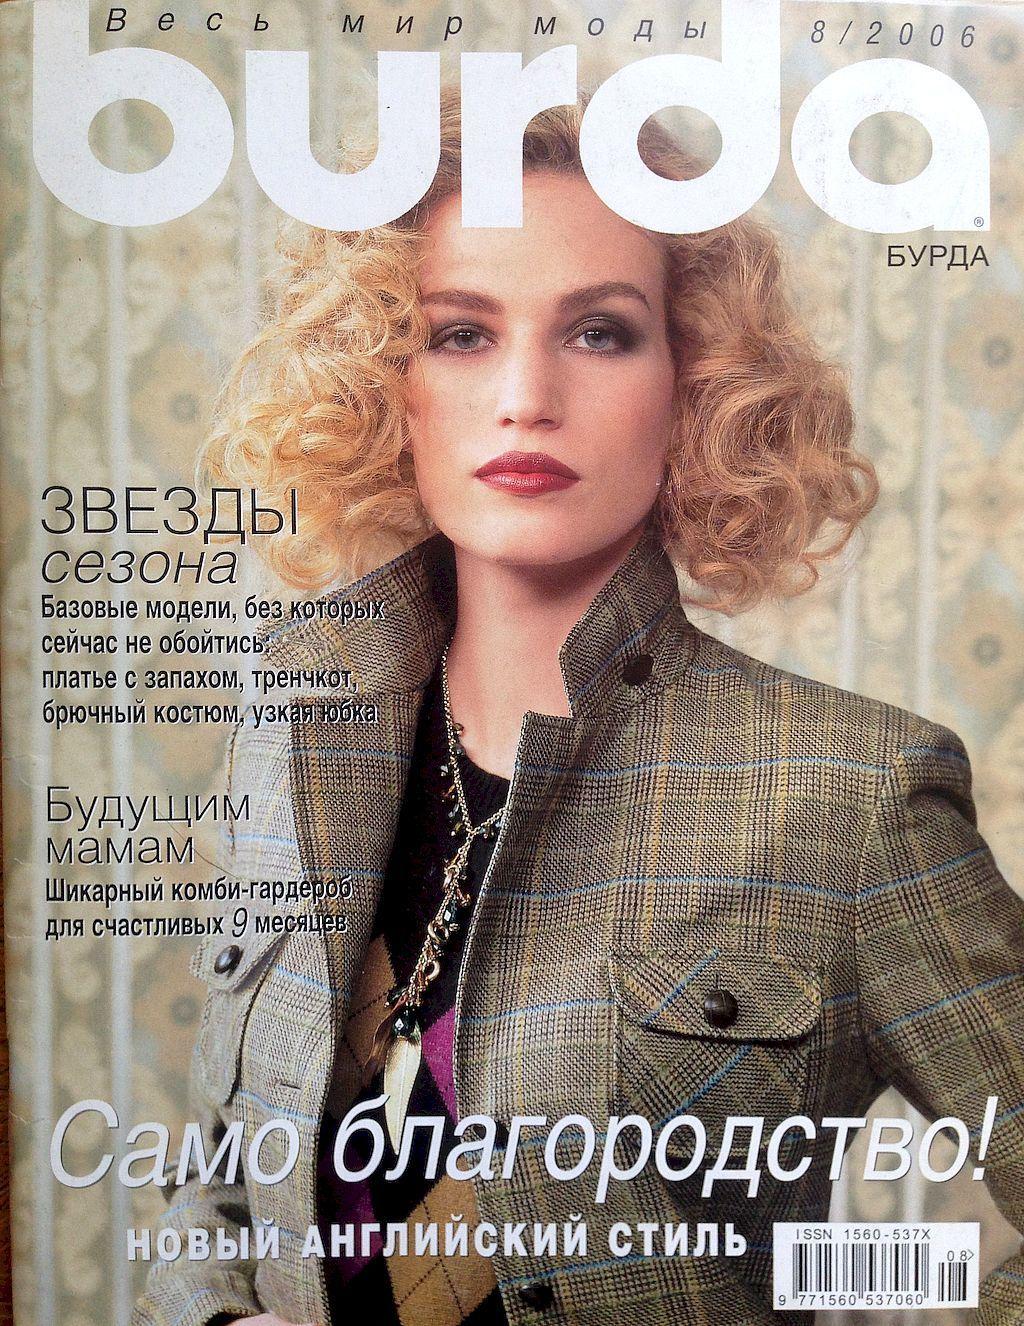 Журнал Burda Moden № 8/2006, Выкройки для шитья, Москва,  Фото №1